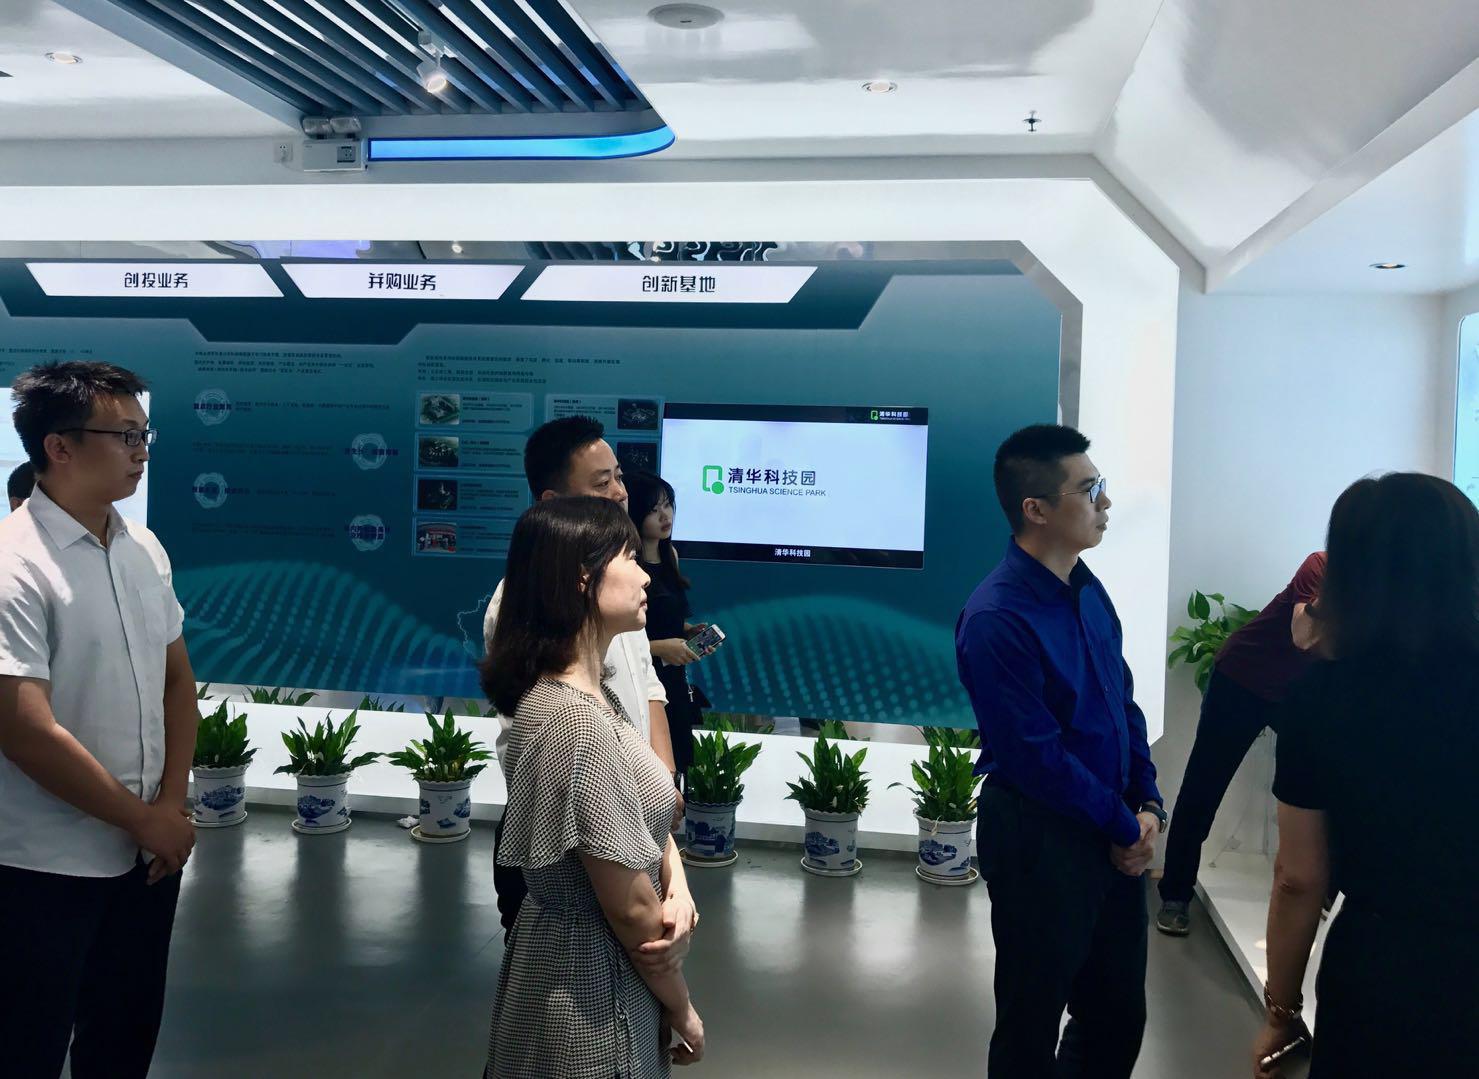 产学研融合 万家乐与深圳清华大学研究院达成战略合作